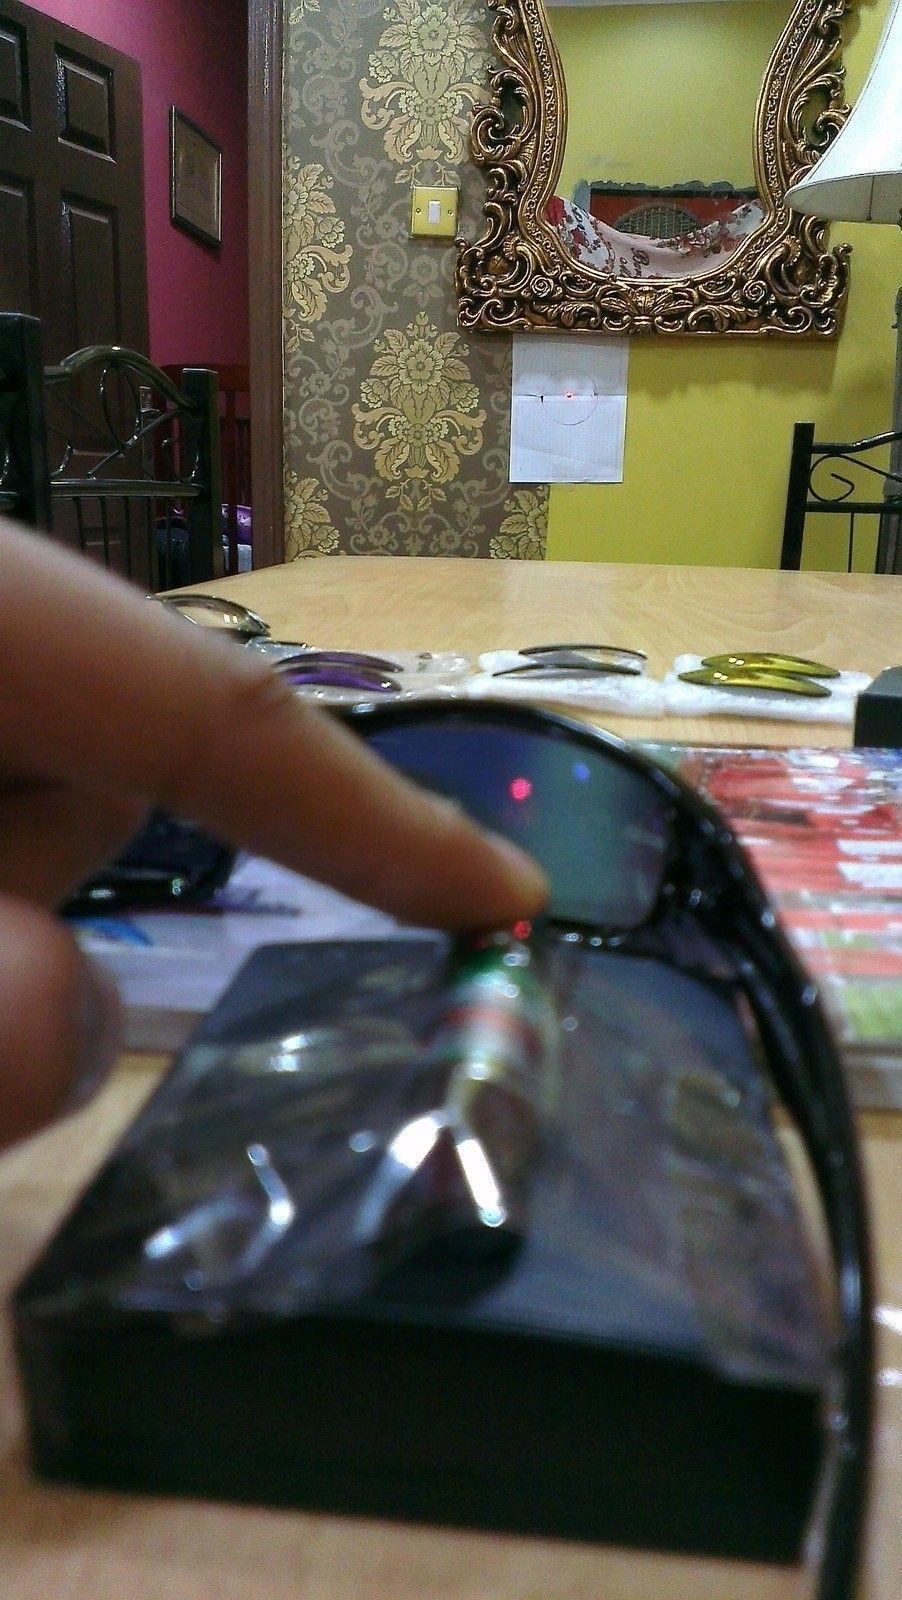 Home XYZ Experiment - IMAG0700.jpg